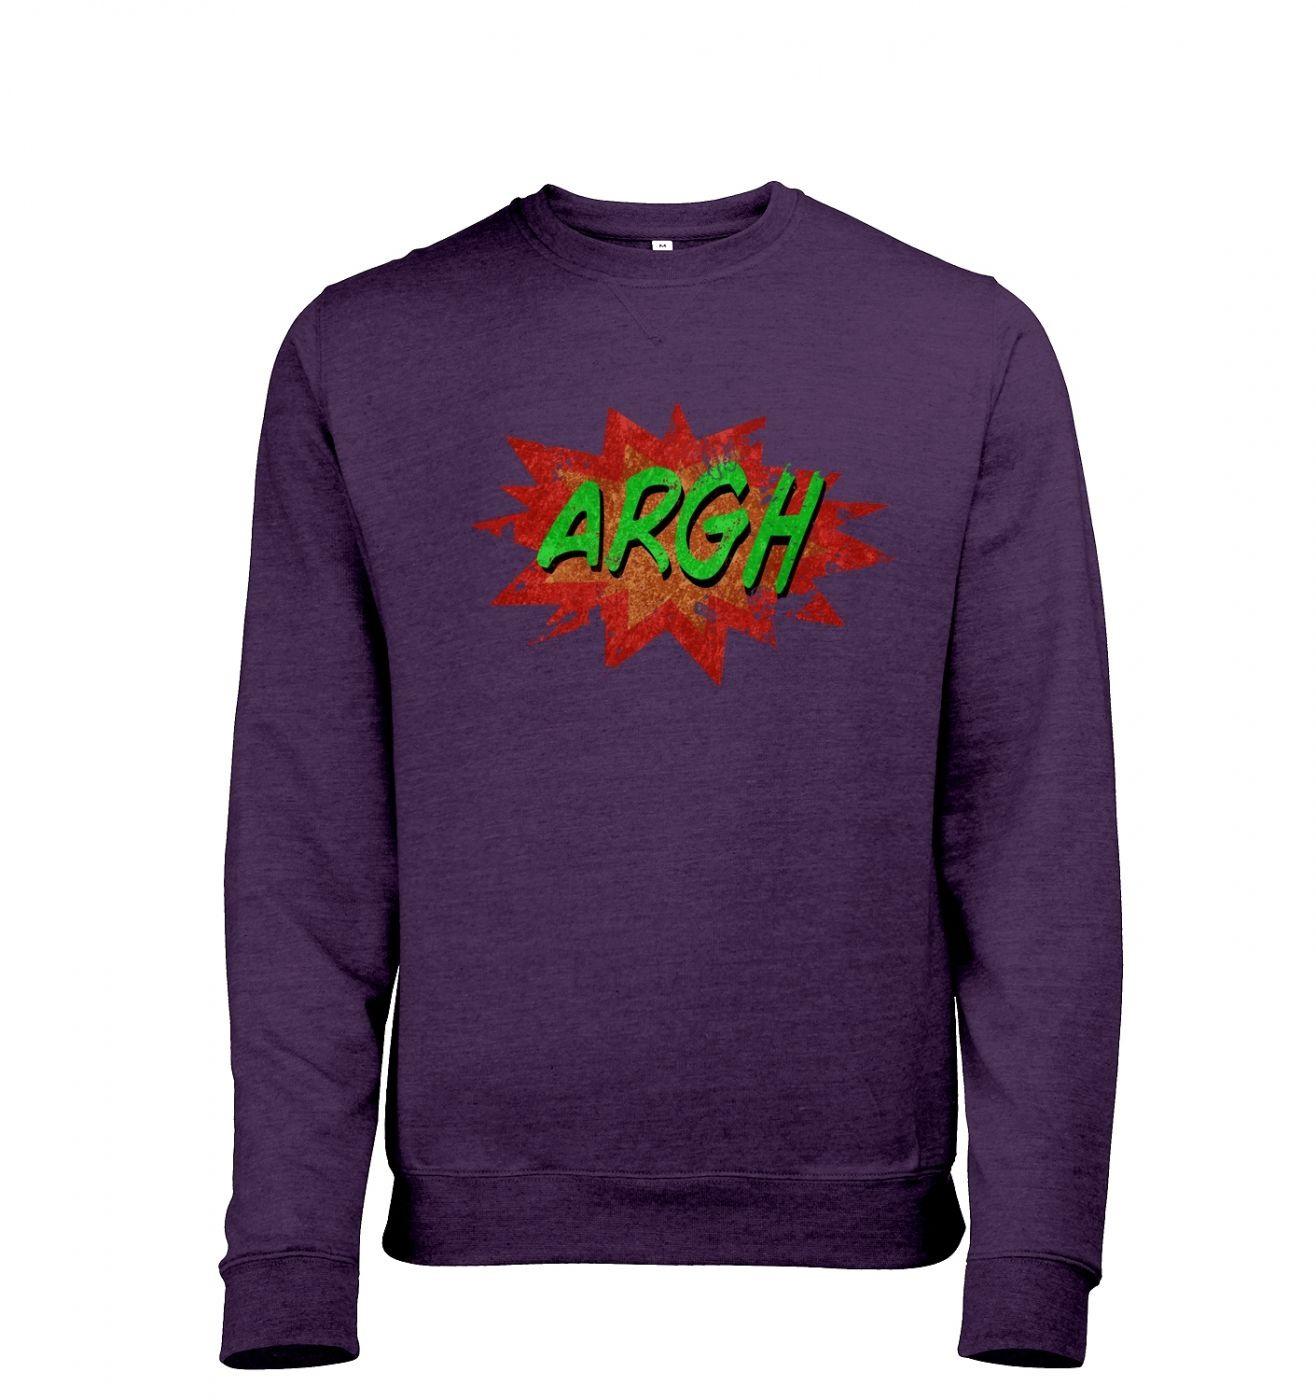 Argh Men's heather sweatshirt